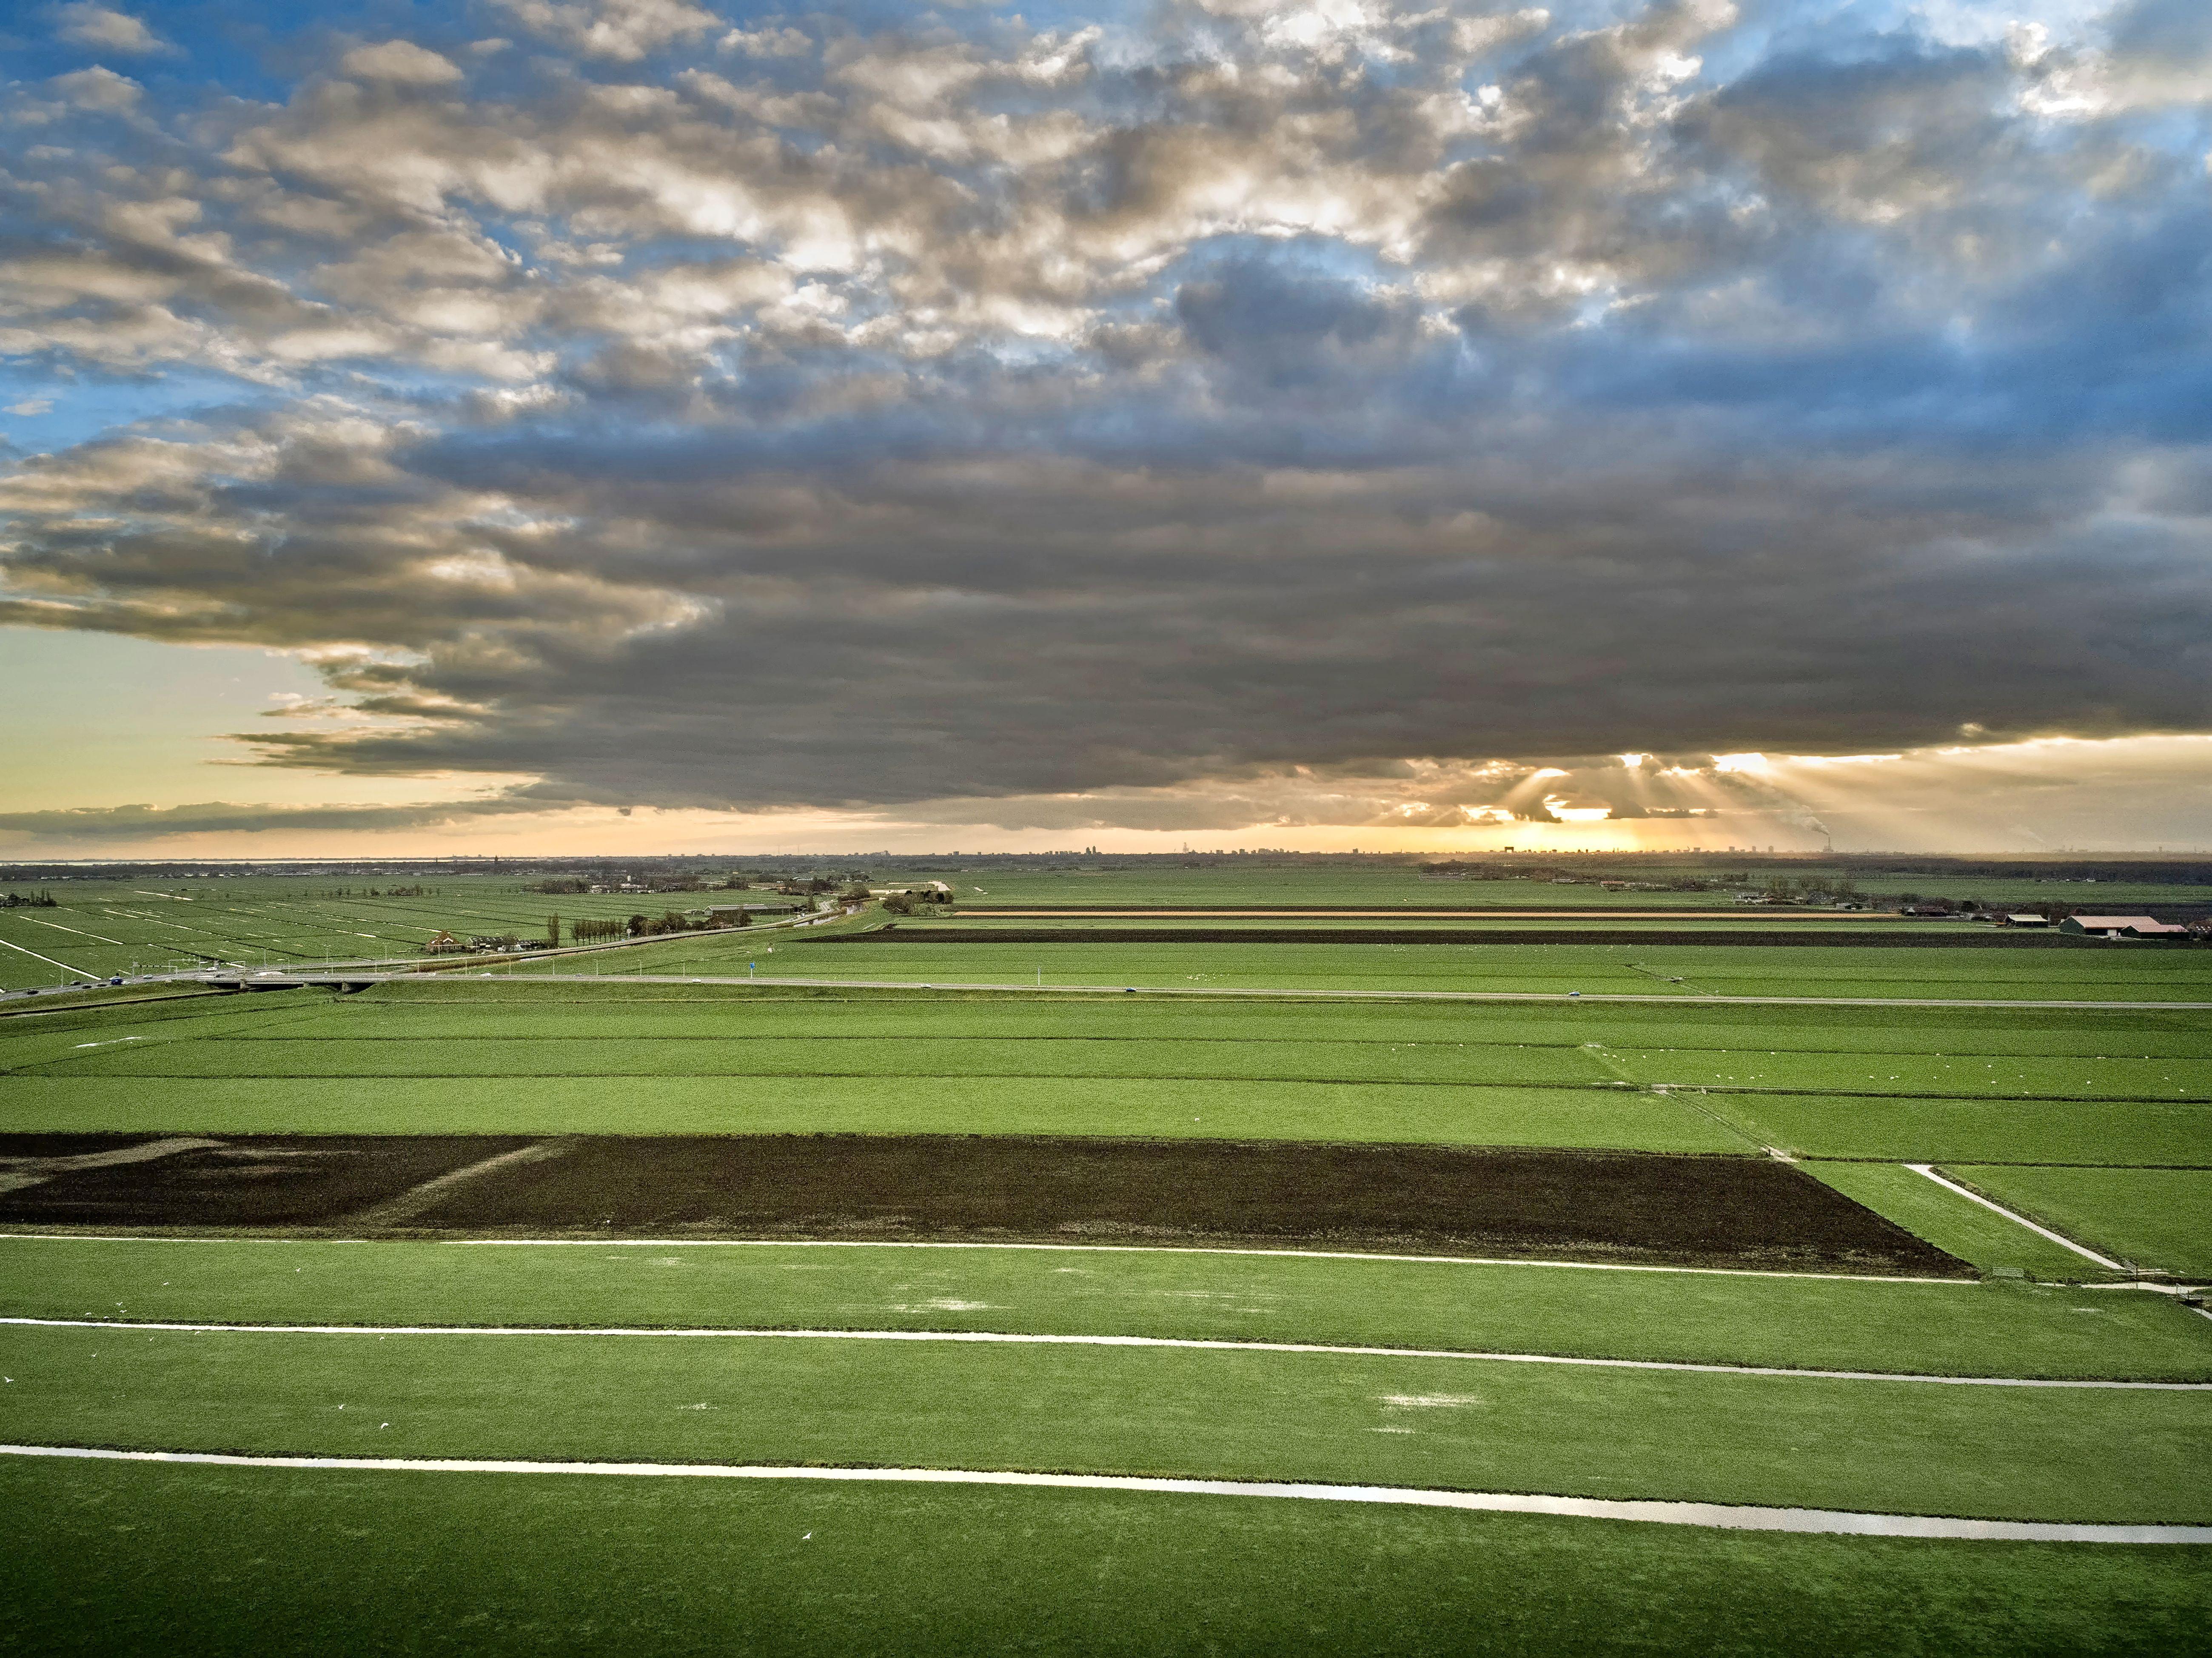 Bouwwereld kijkt hongerig naar de Purmer: EIB becijfert bouw van 20.000 nieuwe huizen in de polder, ook in Beemster nog ruimte